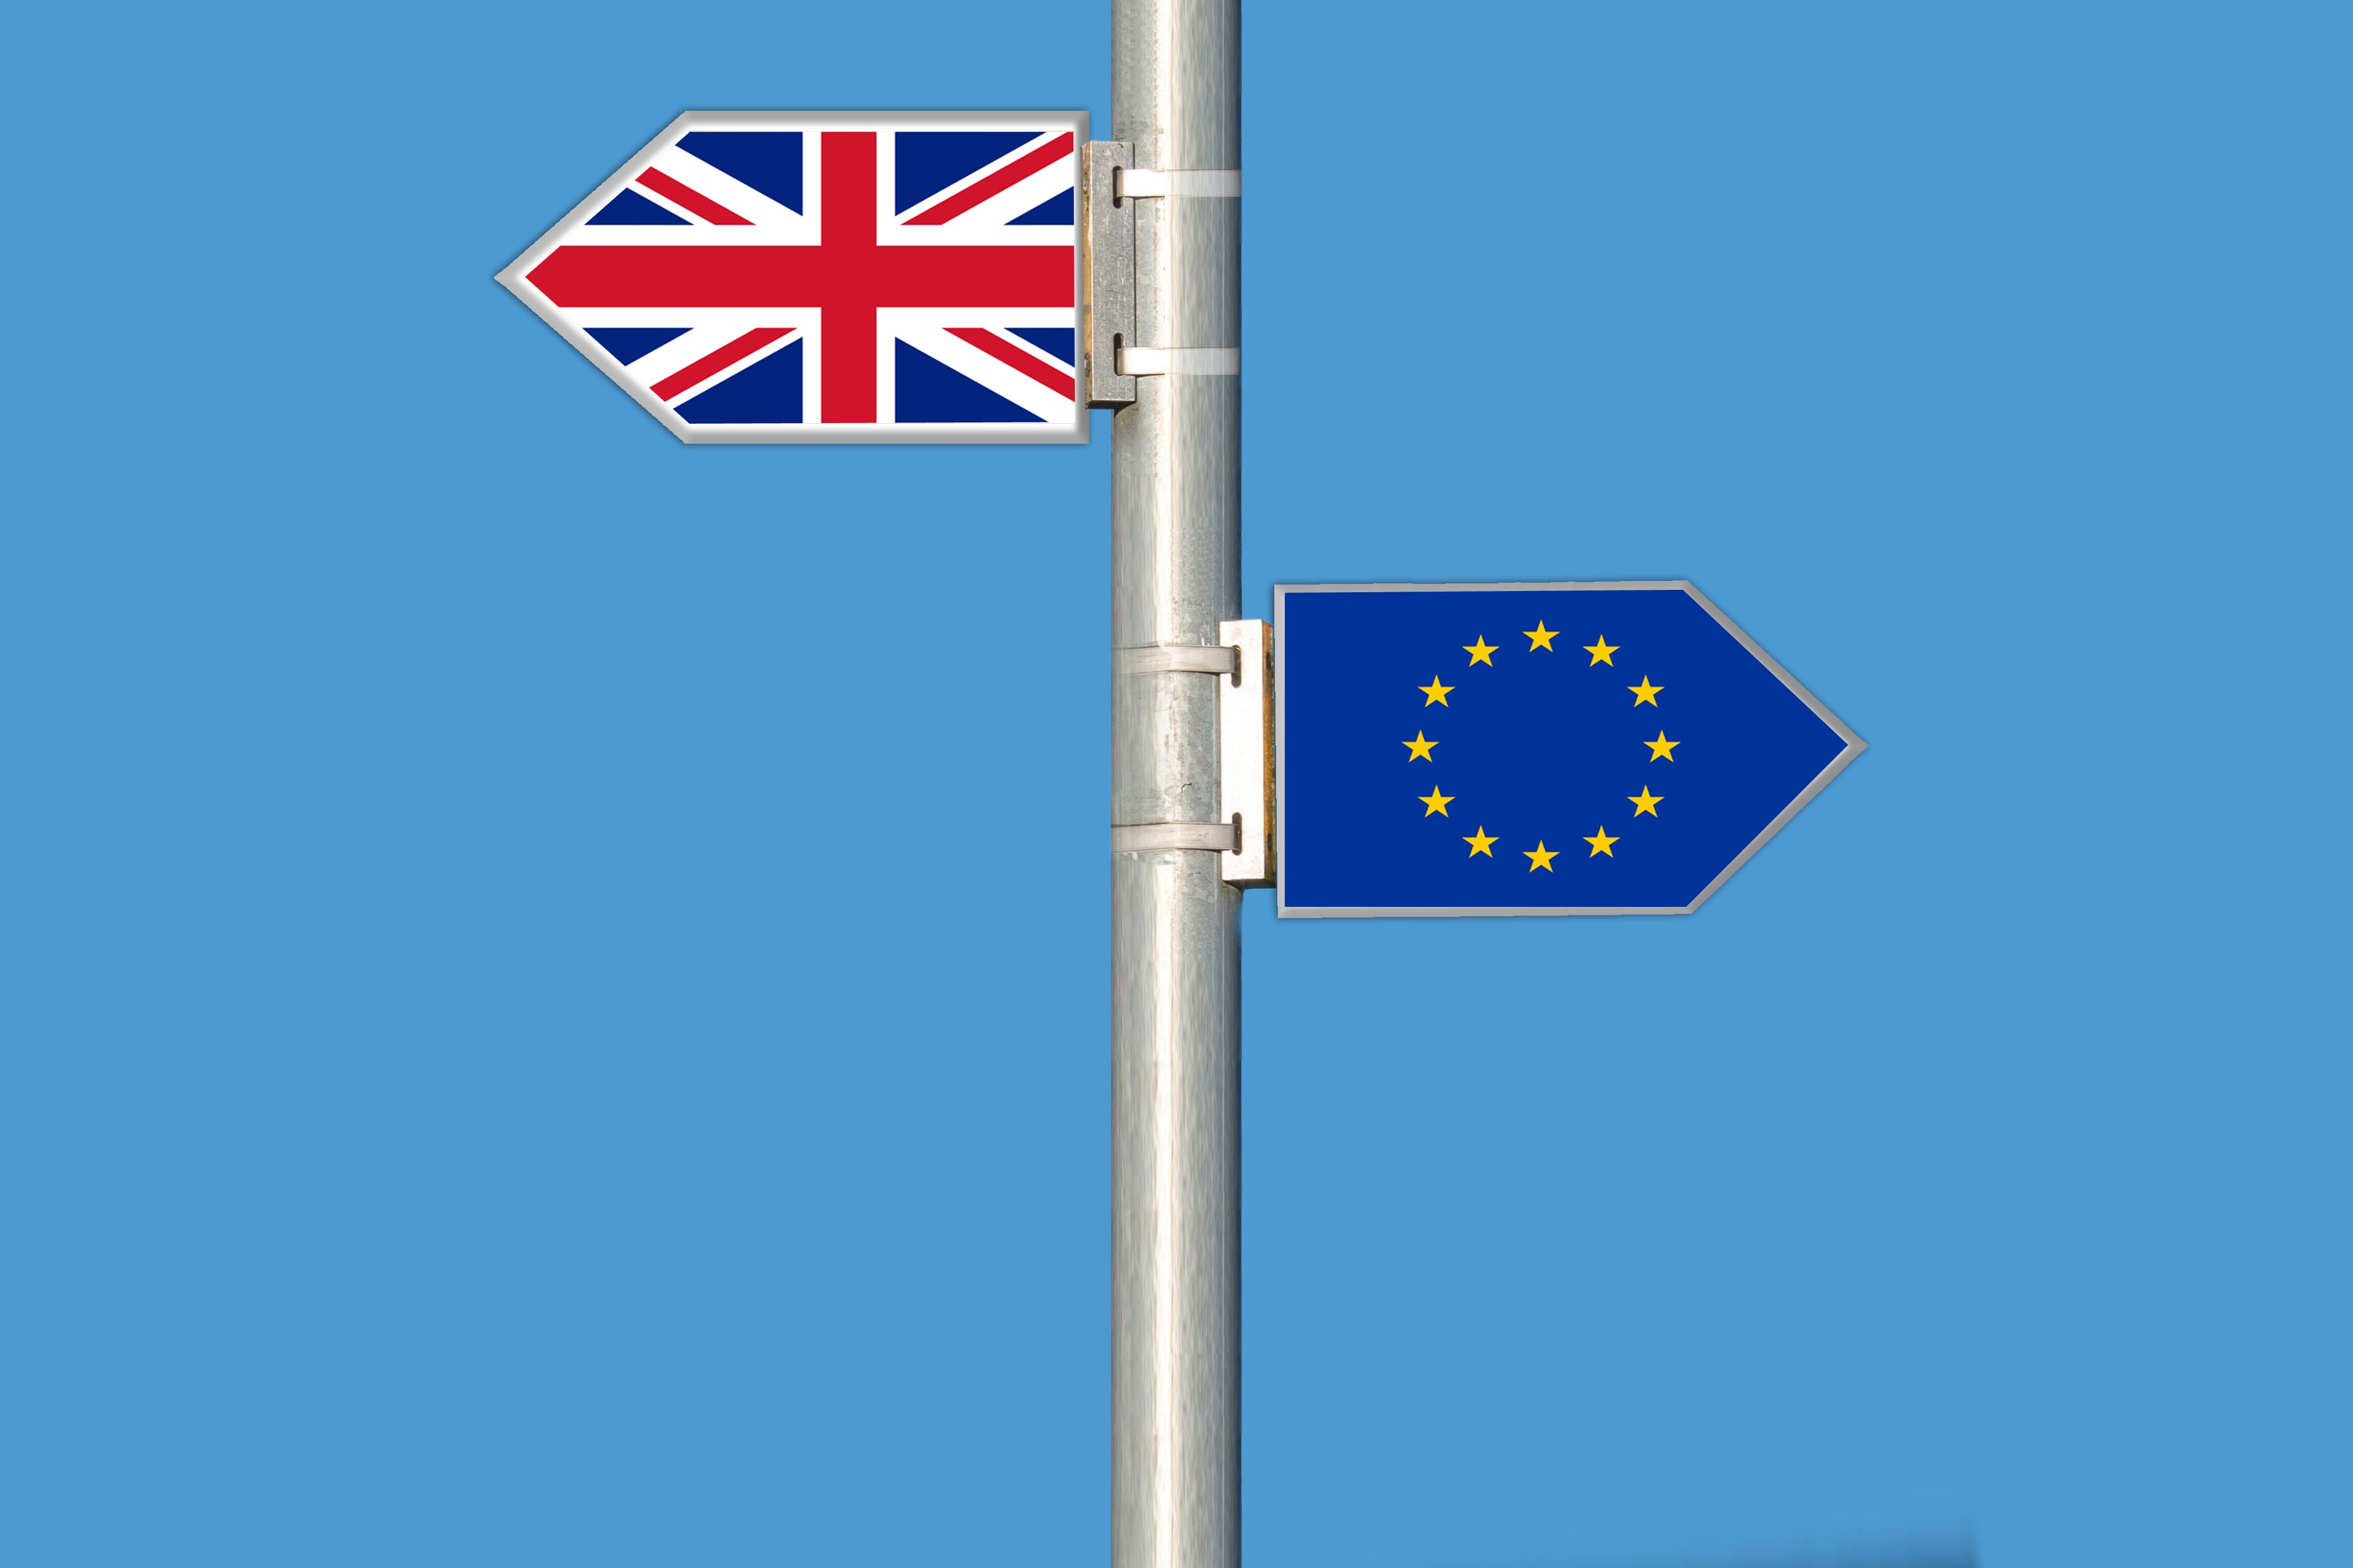 Die Wahl Boris Johnsons und die Auswirkungen auf die Brexit-Verhandlungen: Thorsten Hofmann im Handelsblatt-Interview